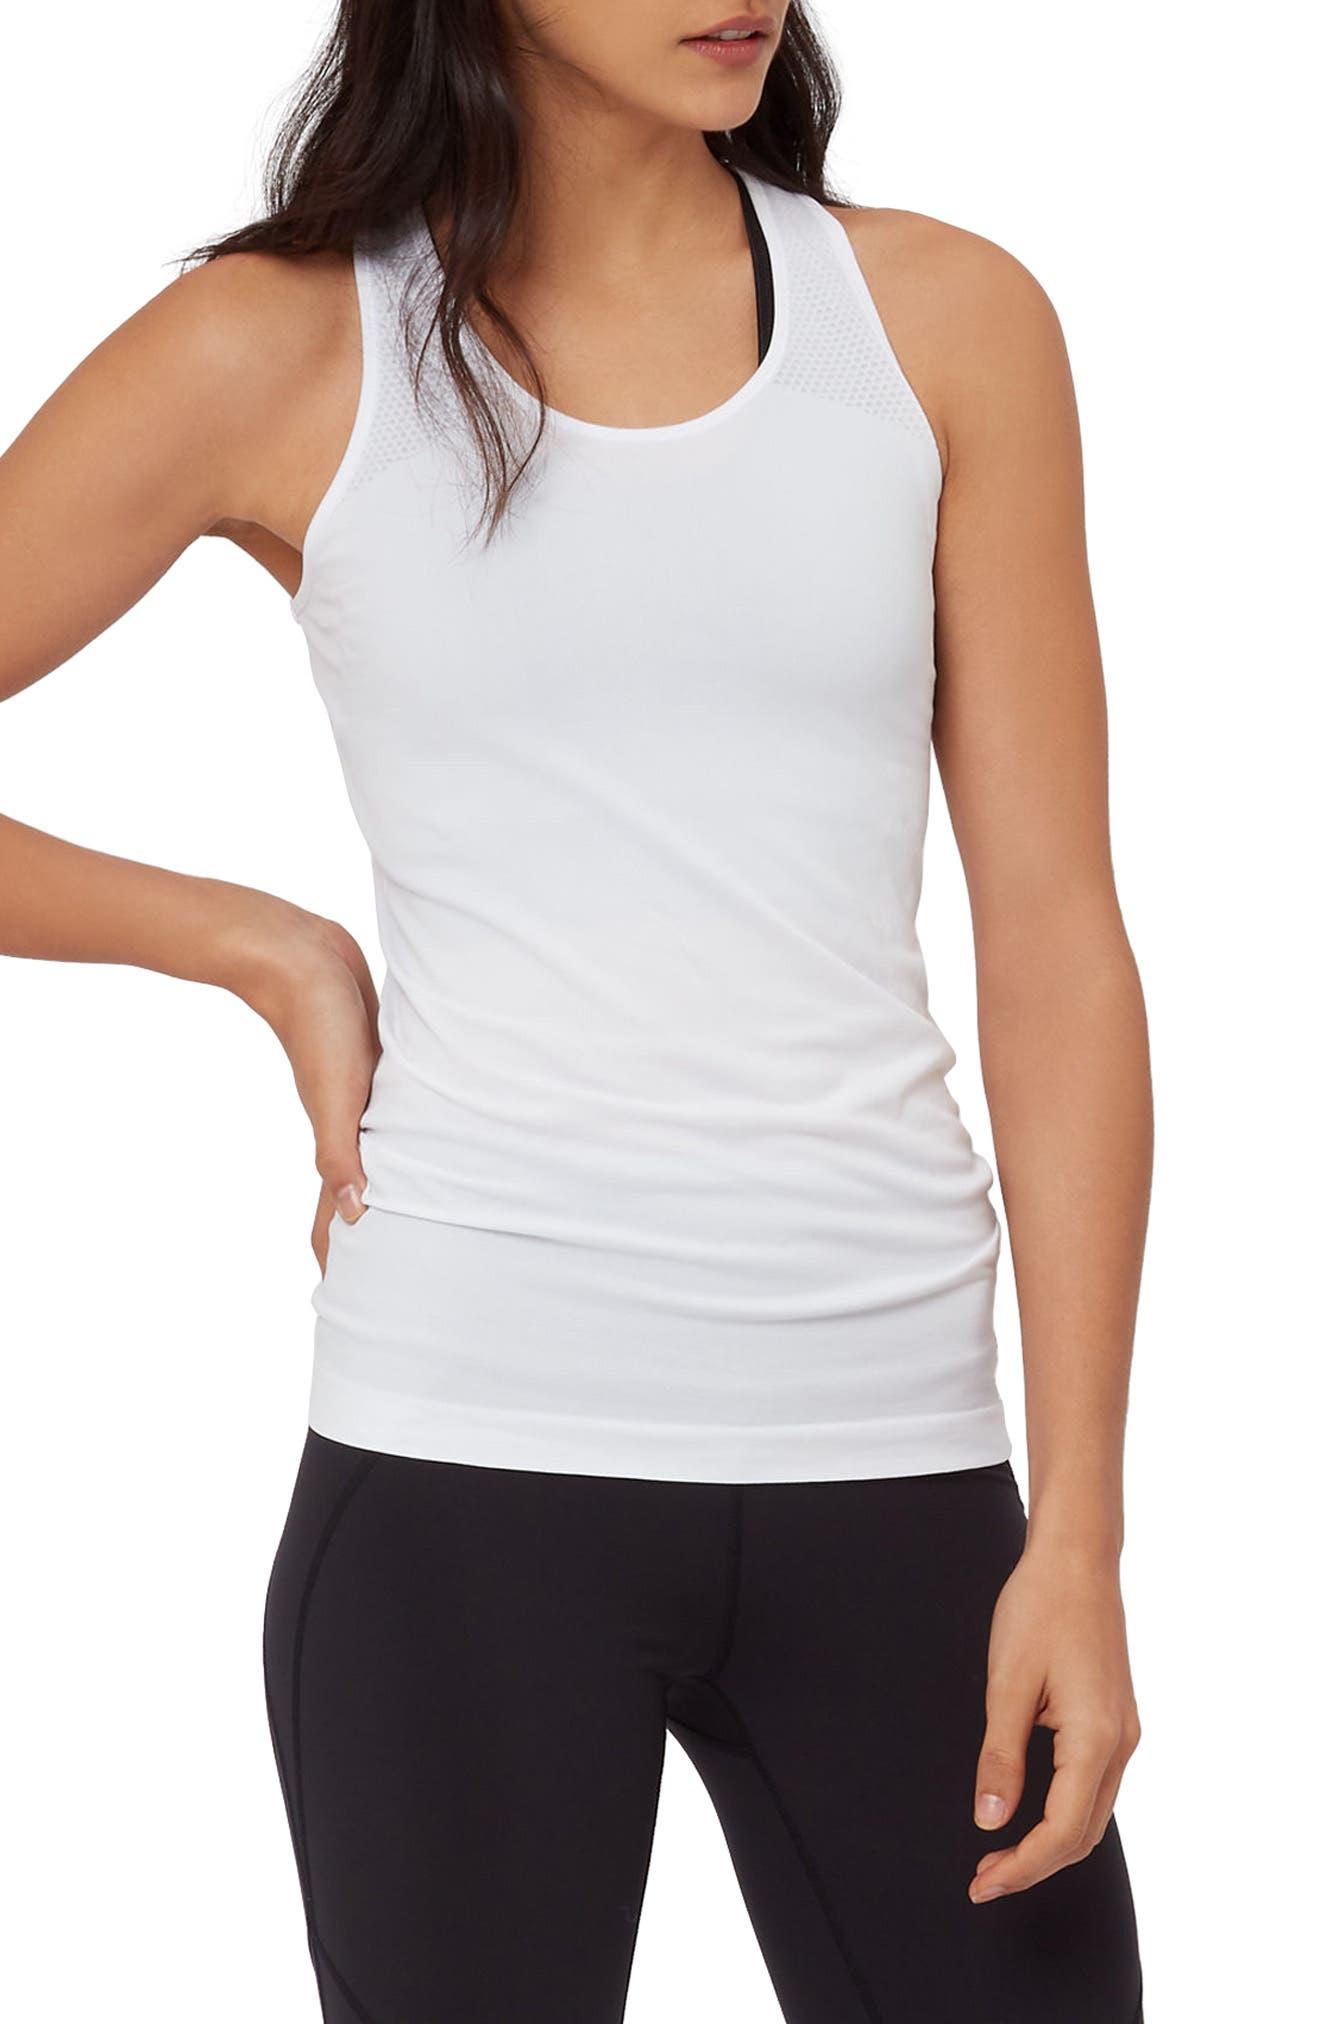 Athlete Seamless Workout Tank,                             Main thumbnail 1, color,                             White